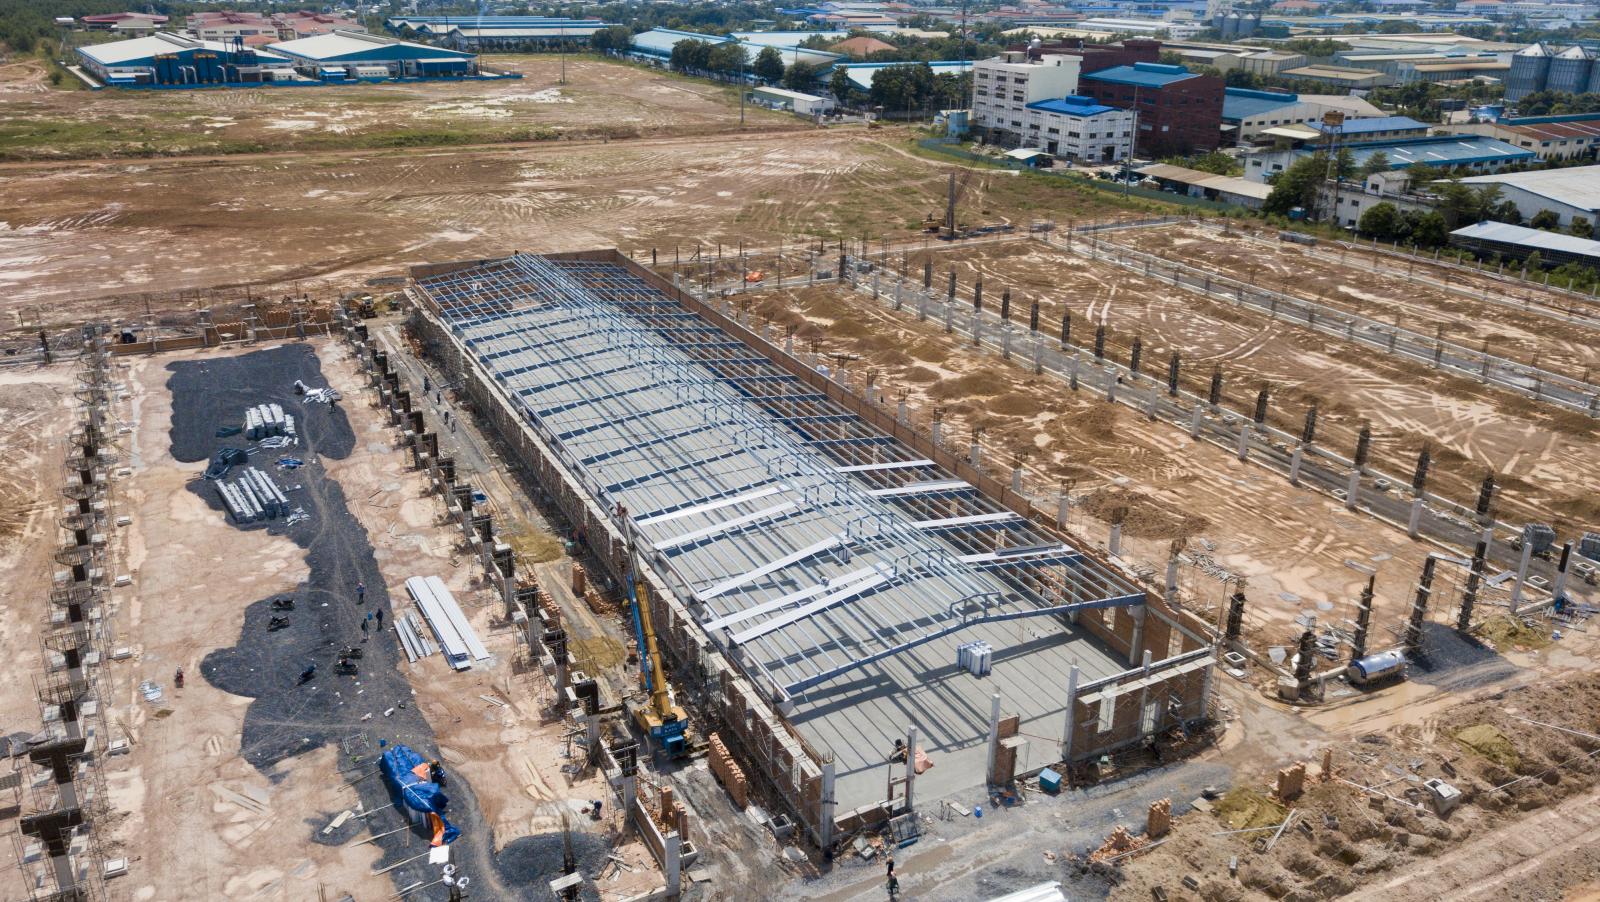 nhà xưởng đang được bic xây dựng